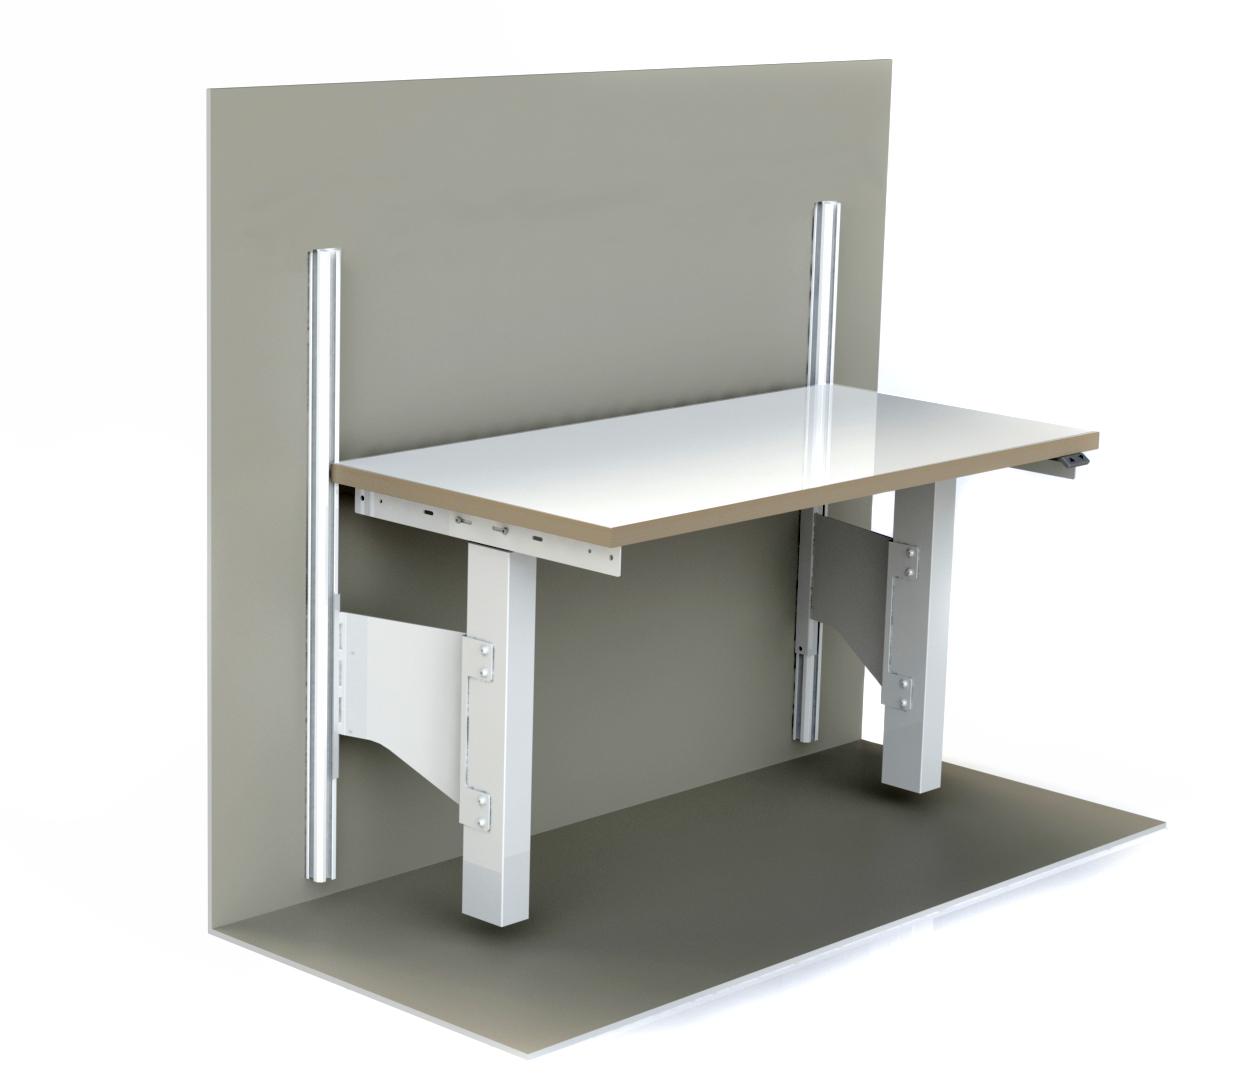 Elektriskt höj och sänkbara bord arkiv Careco Inredningar